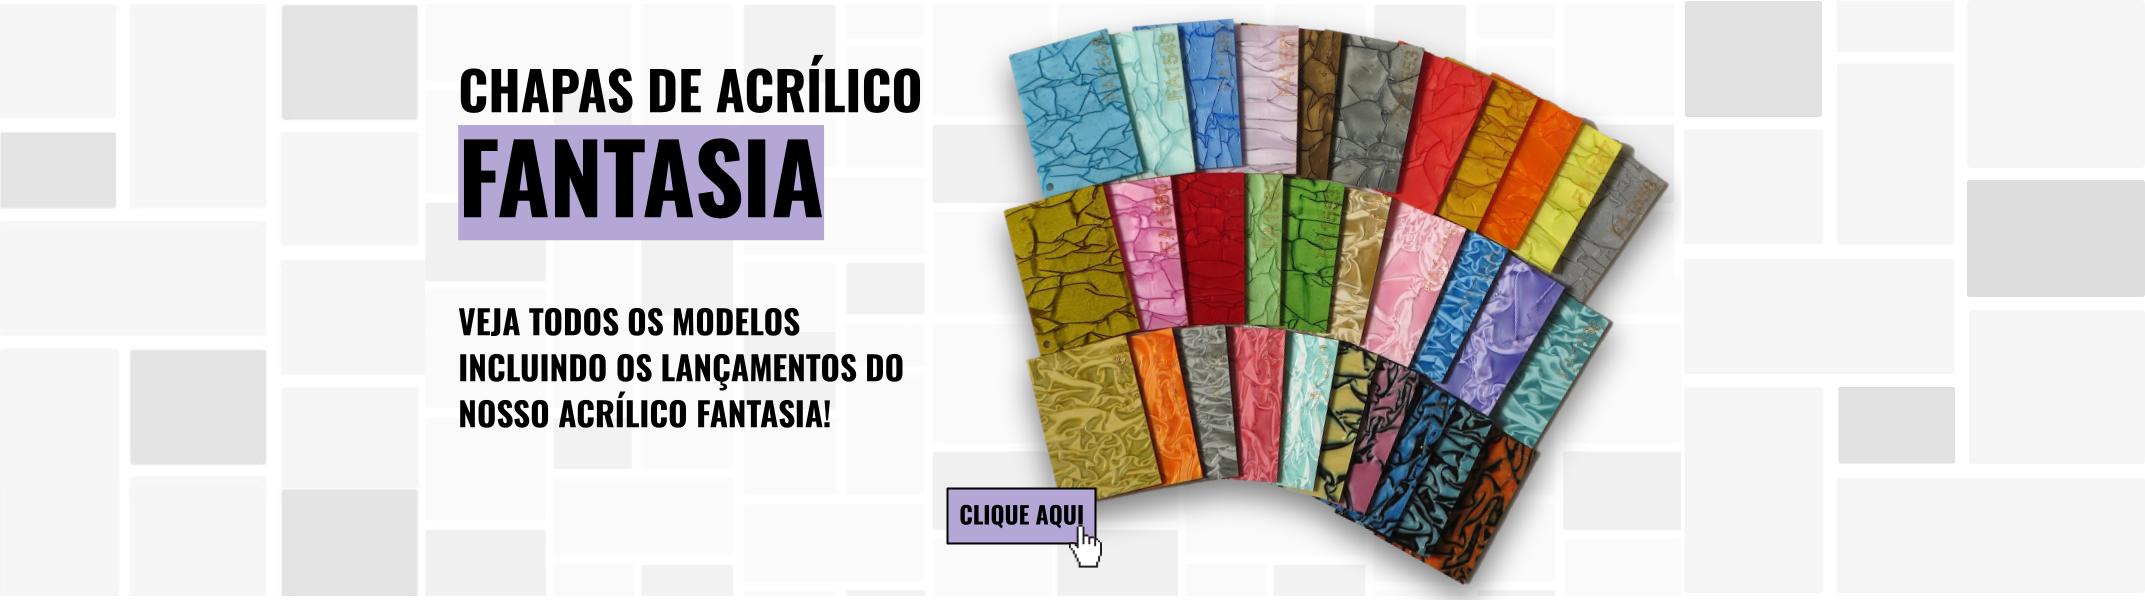 Banner_Acrlico_Fantasia_280721